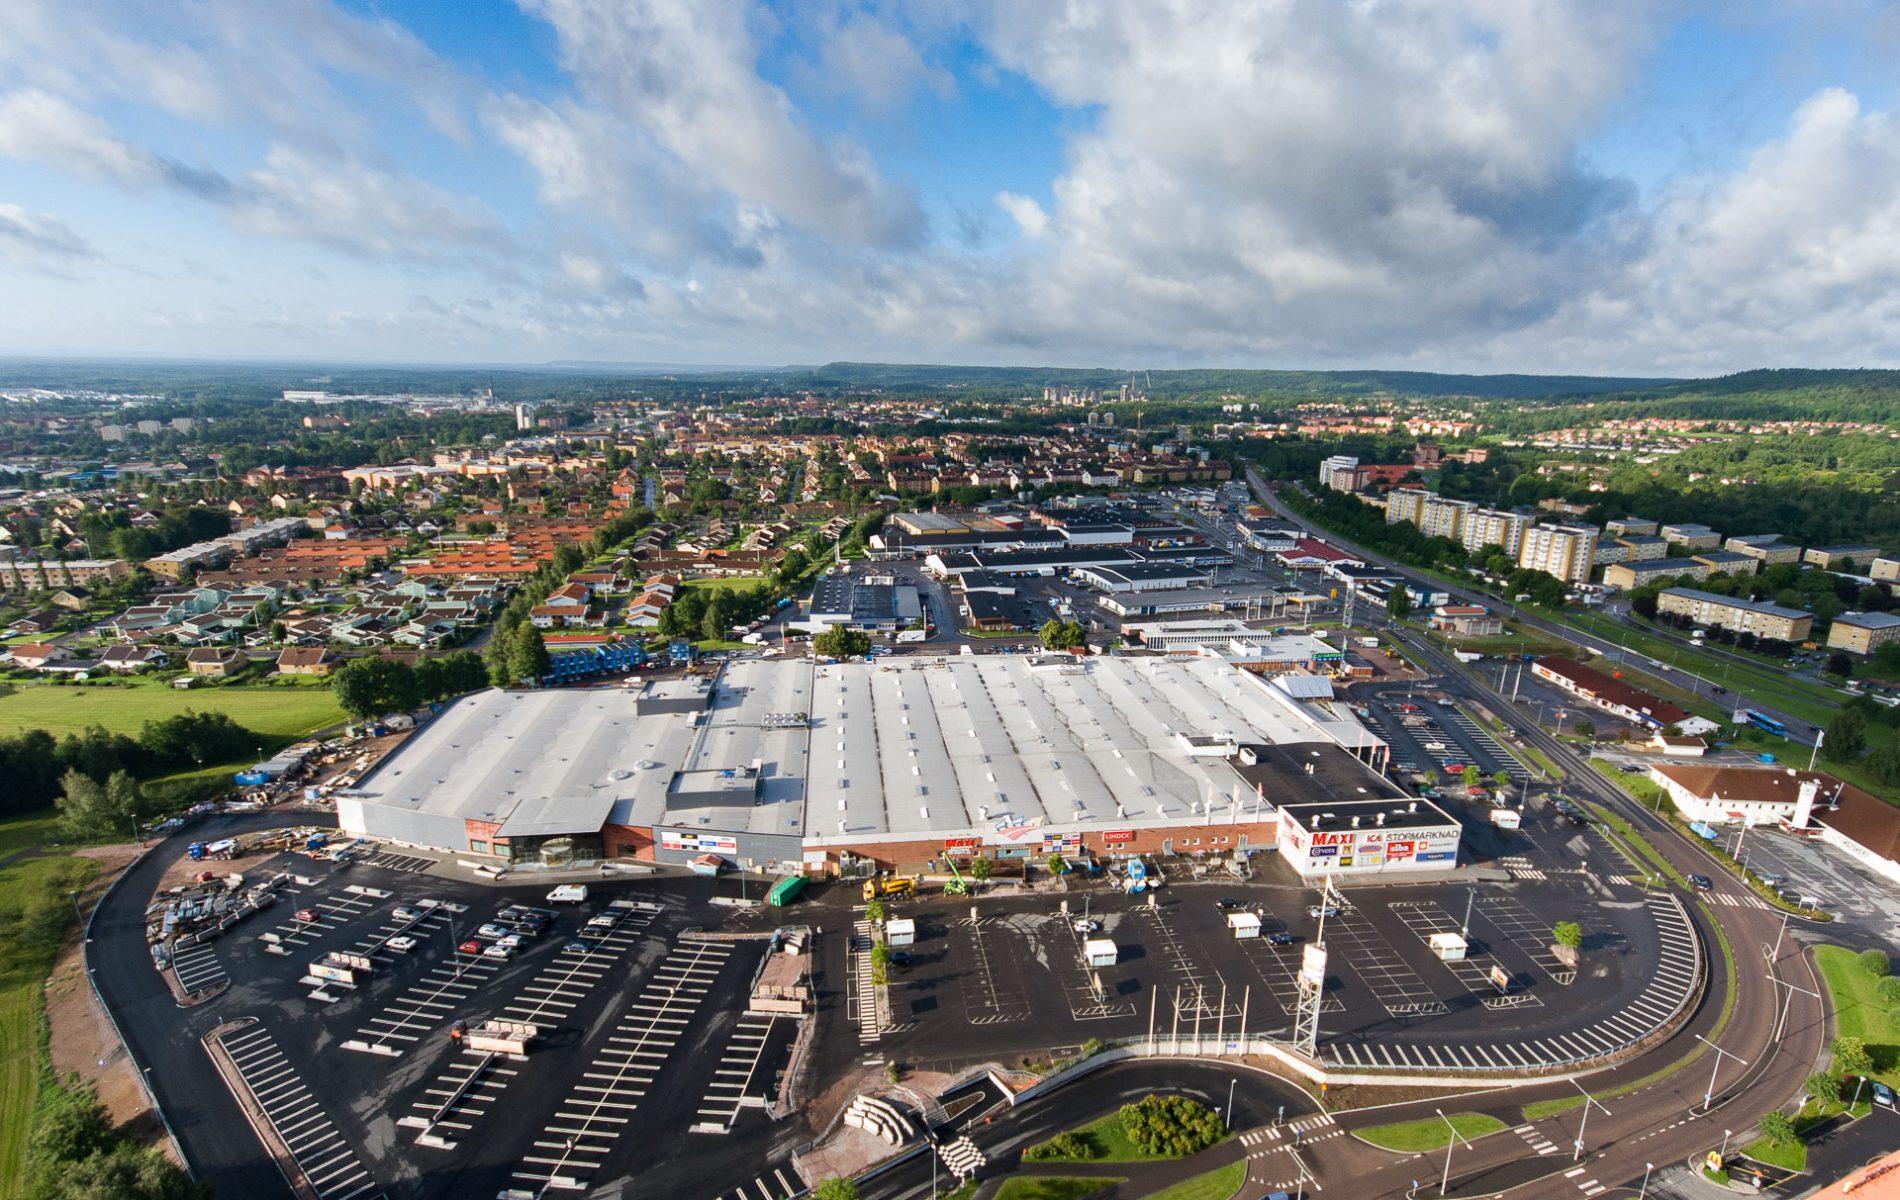 Flygbild av stormarknad & handelsplats